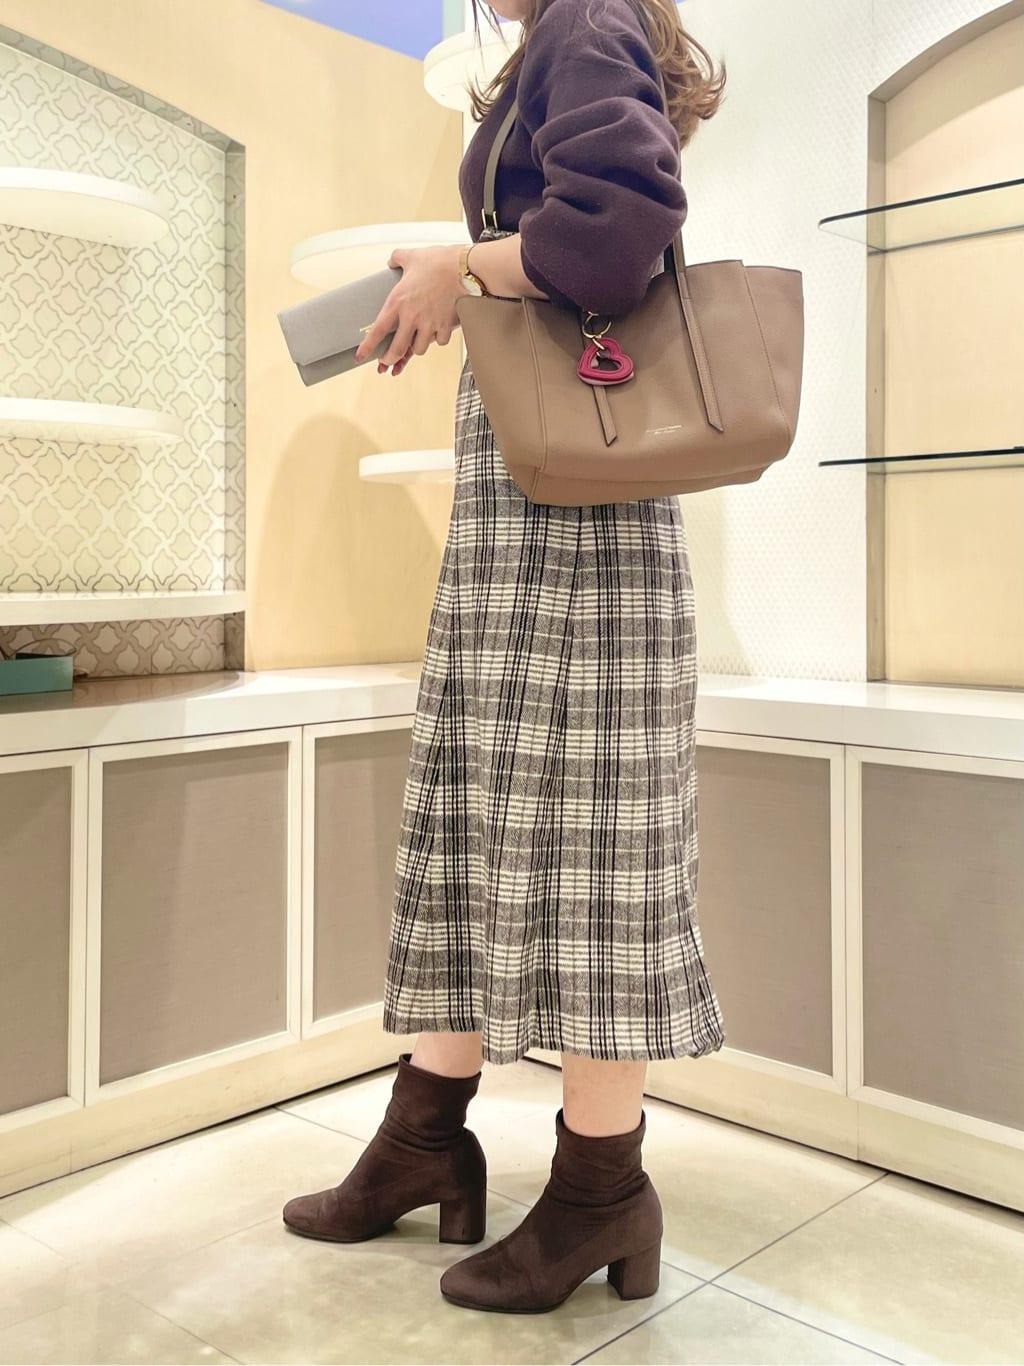 サマンサタバサプチチョイス 吉祥寺パルコ店 ♡ N ♡